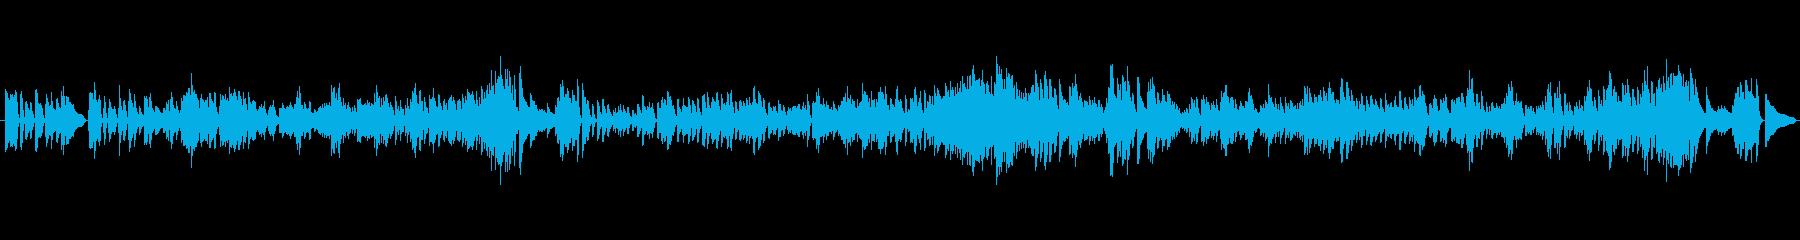 バッハ イタリア協奏曲 第1楽章よりの再生済みの波形